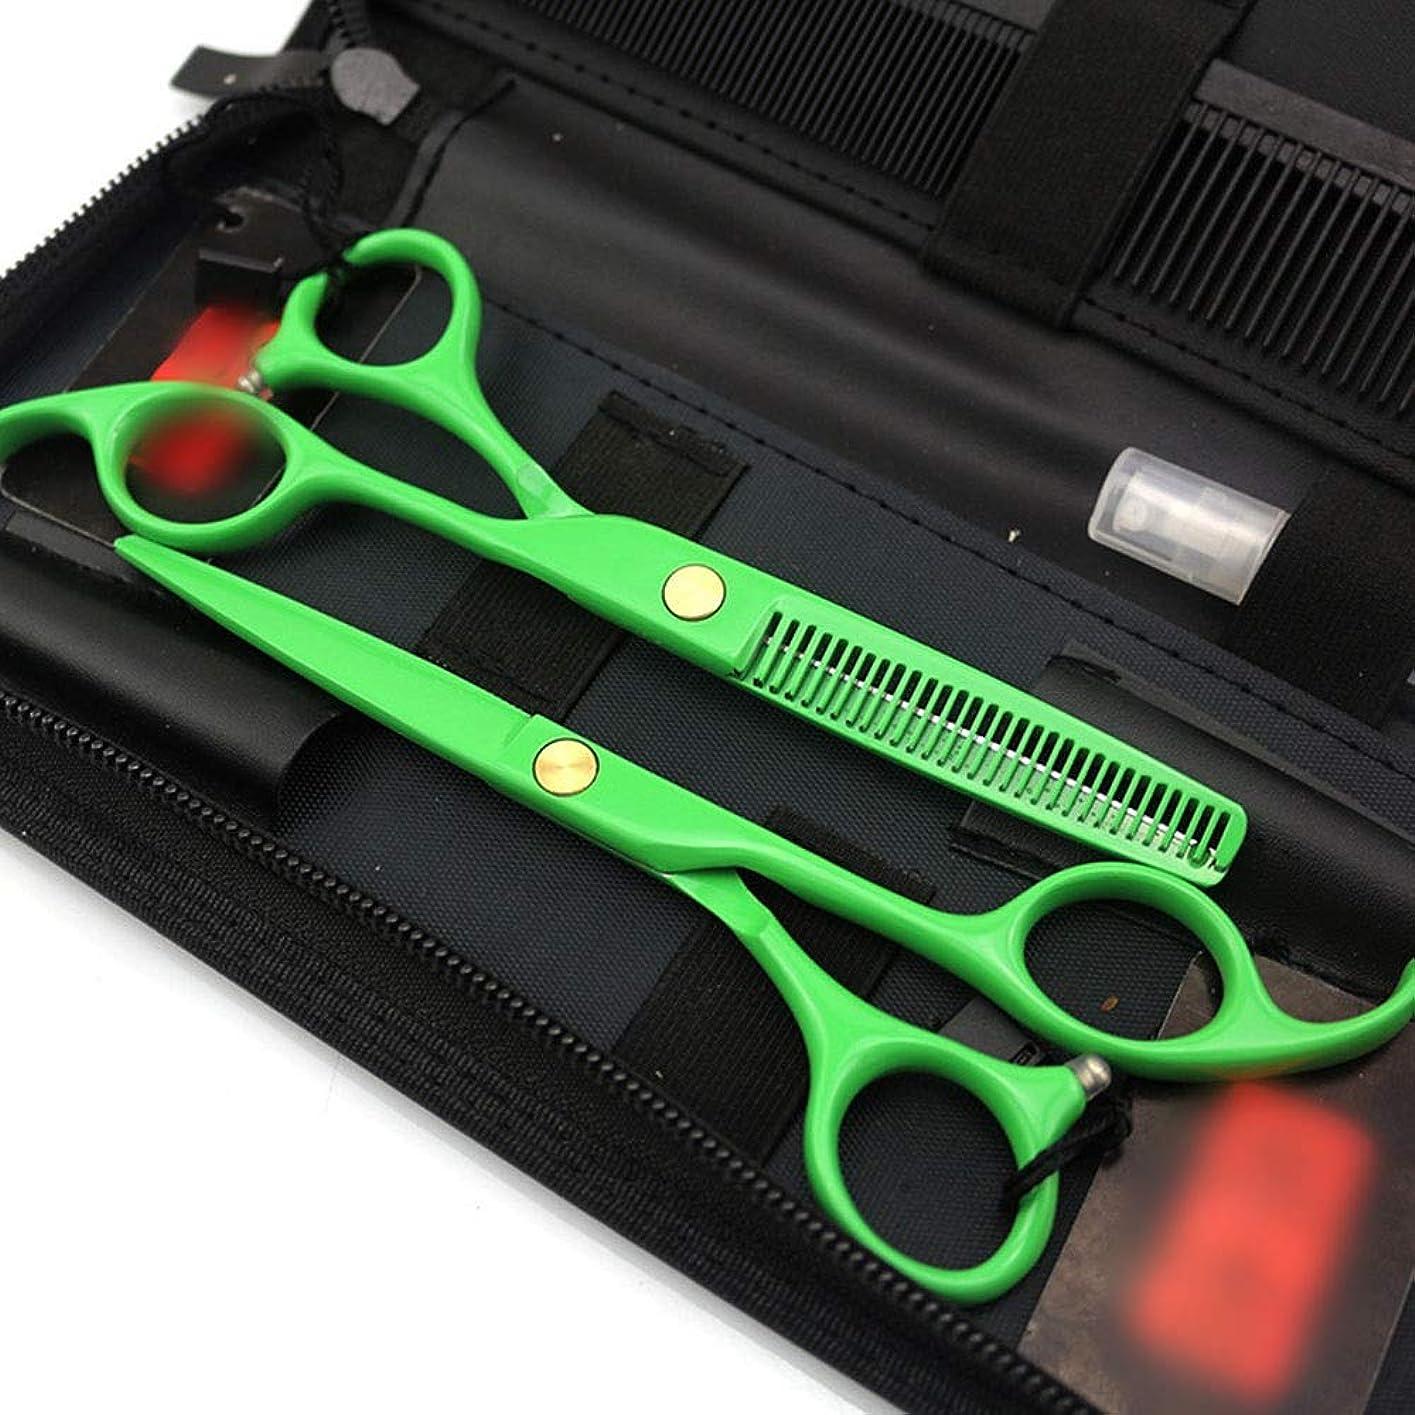 トランスミッション早い禁止するGoodsok-jp 5.5インチプロフェッショナル理髪はさみセット電気めっきグリーンフラット+歯はさみセット (色 : オレンジ)